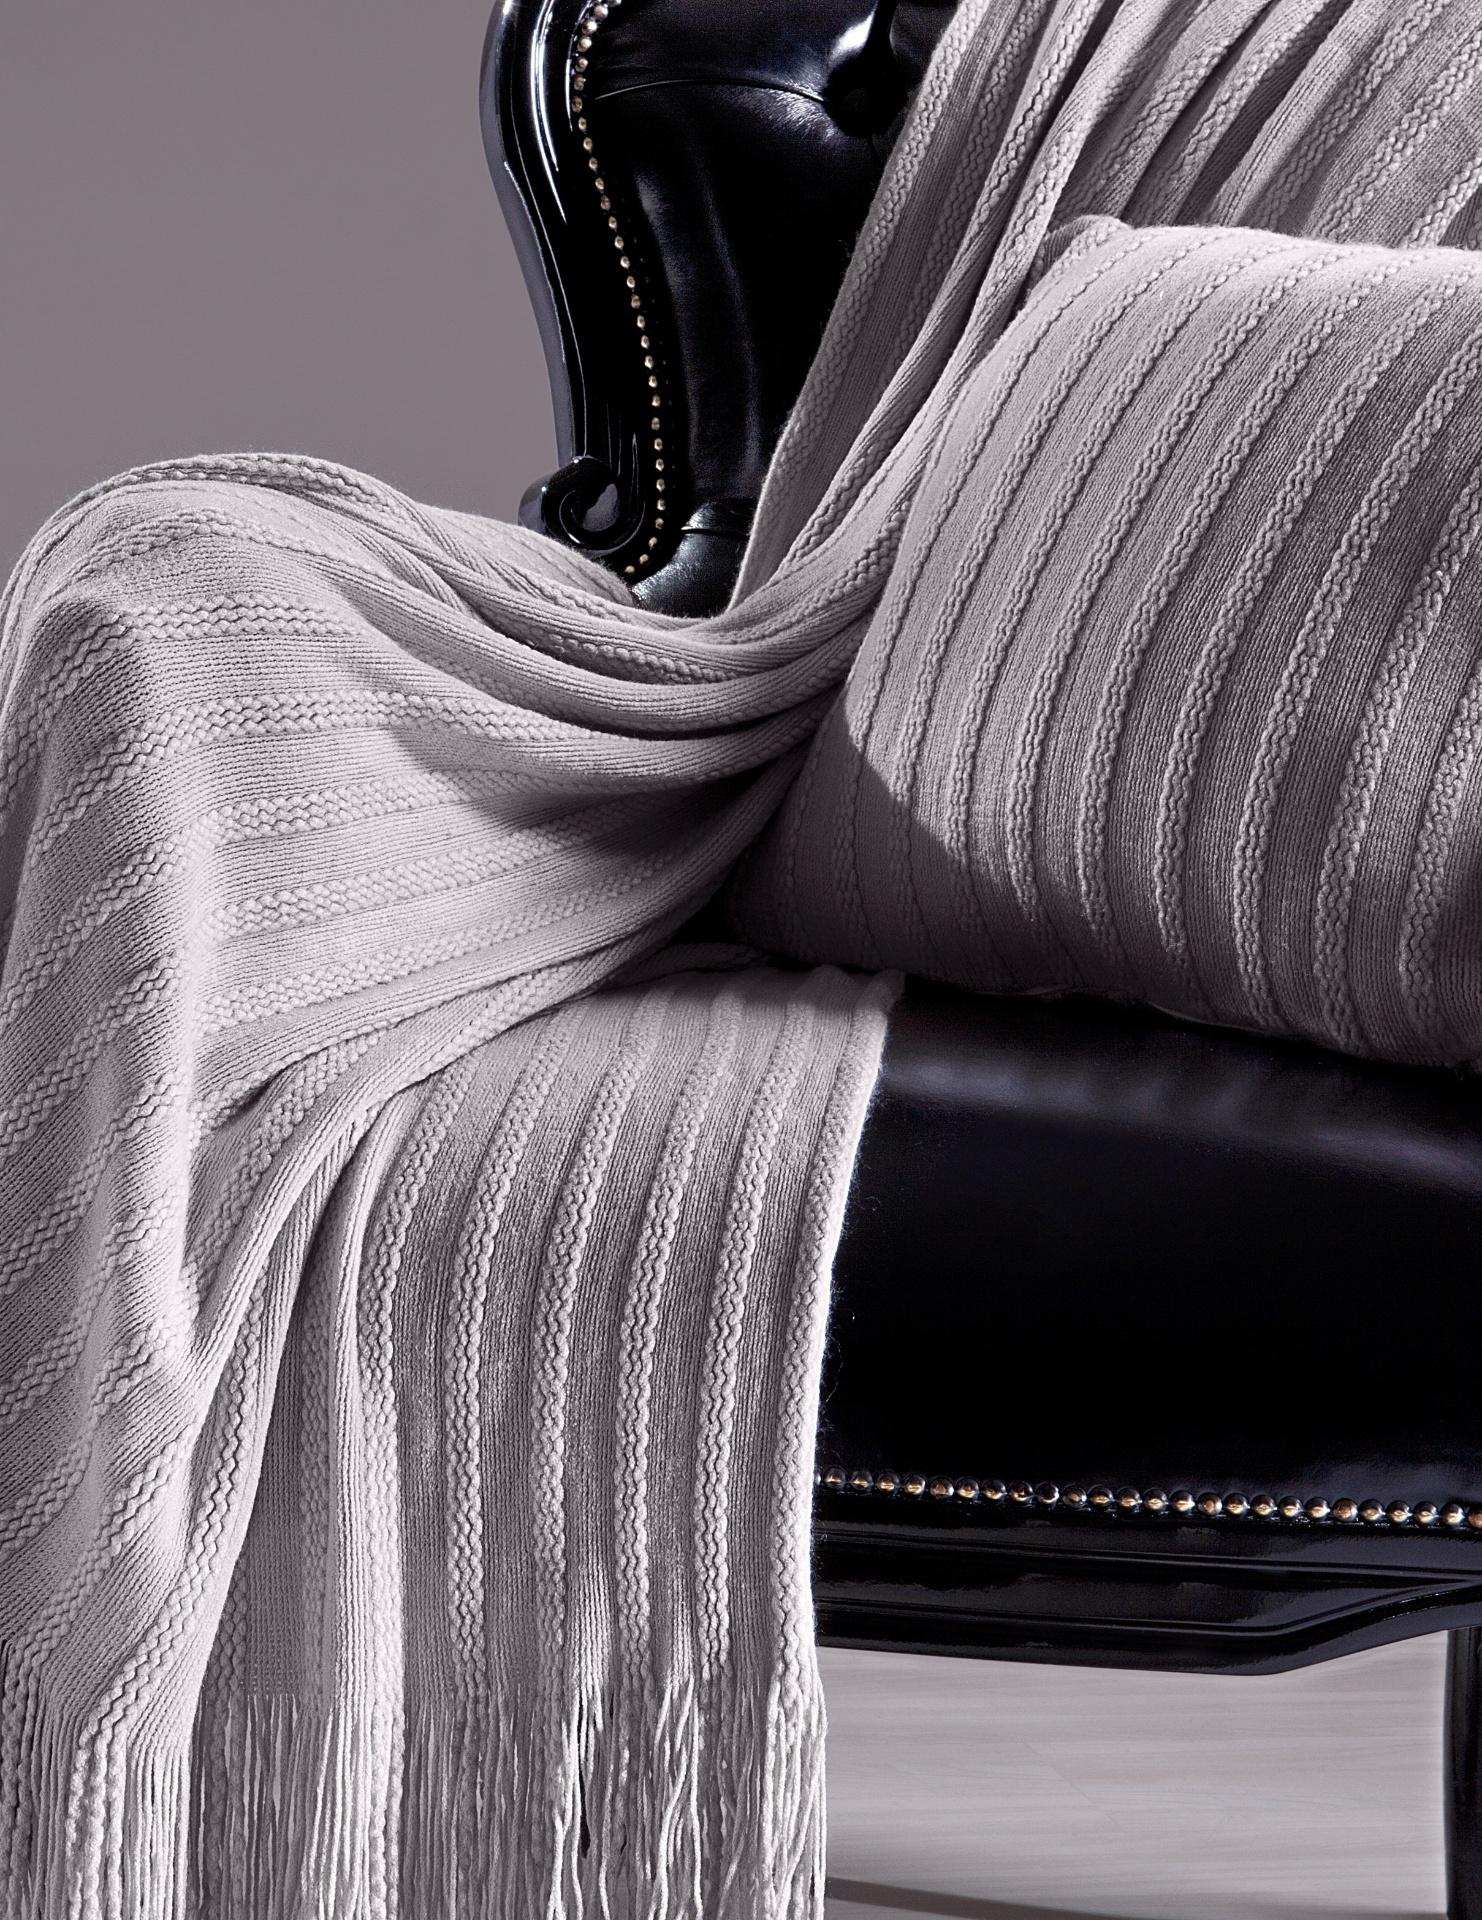 Confeccionada em relevo que remete ao tricô, a manta Viareggio (130 cm por 180 cm), da Trussardi (www.trussardi.com.br), é produzida em acrílico I Outras informações podem ser obtidas com o fornecedor